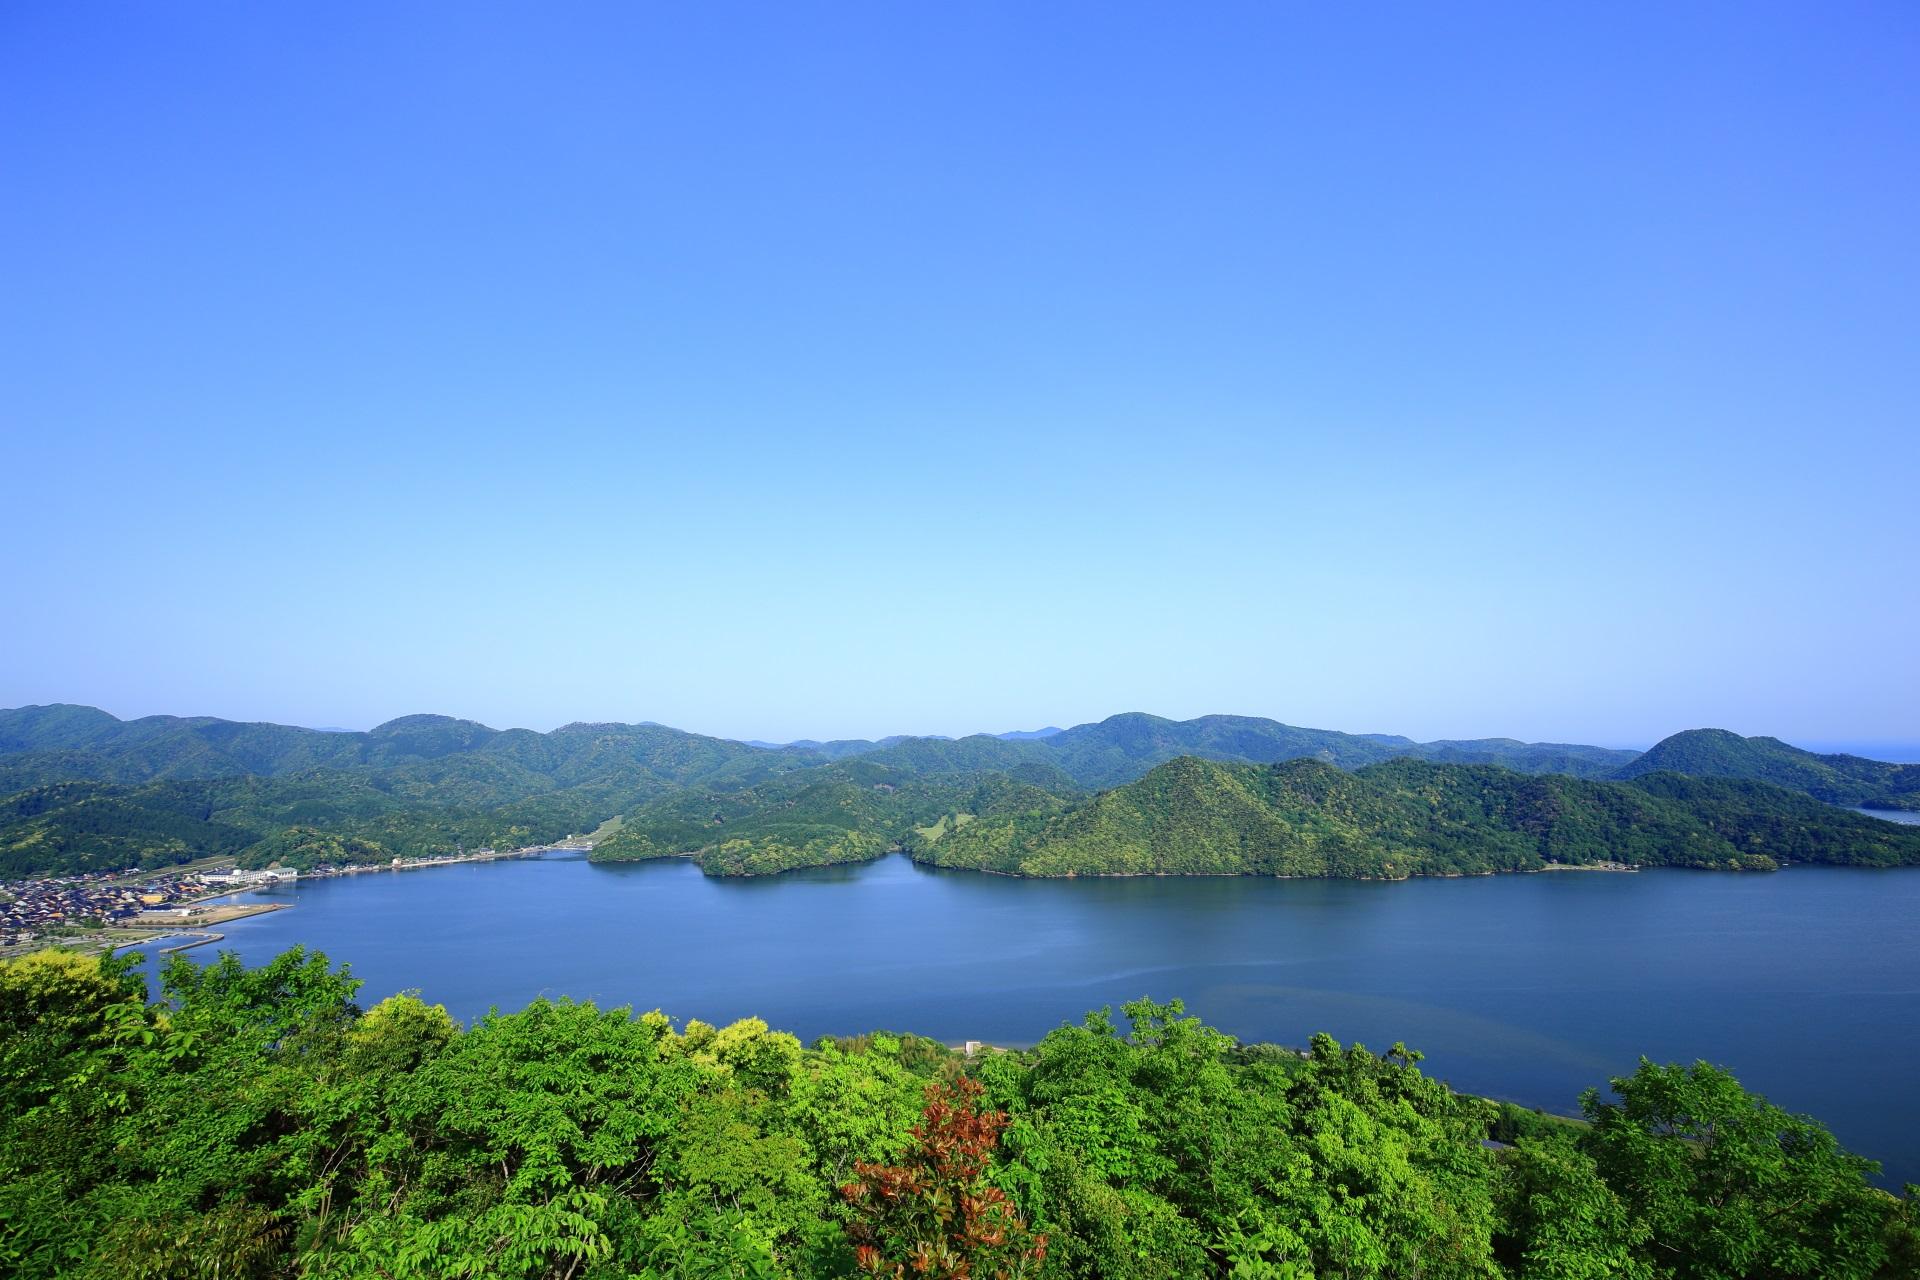 緑の山々に囲まれる水面が非常に穏やかな美しい久美浜湾